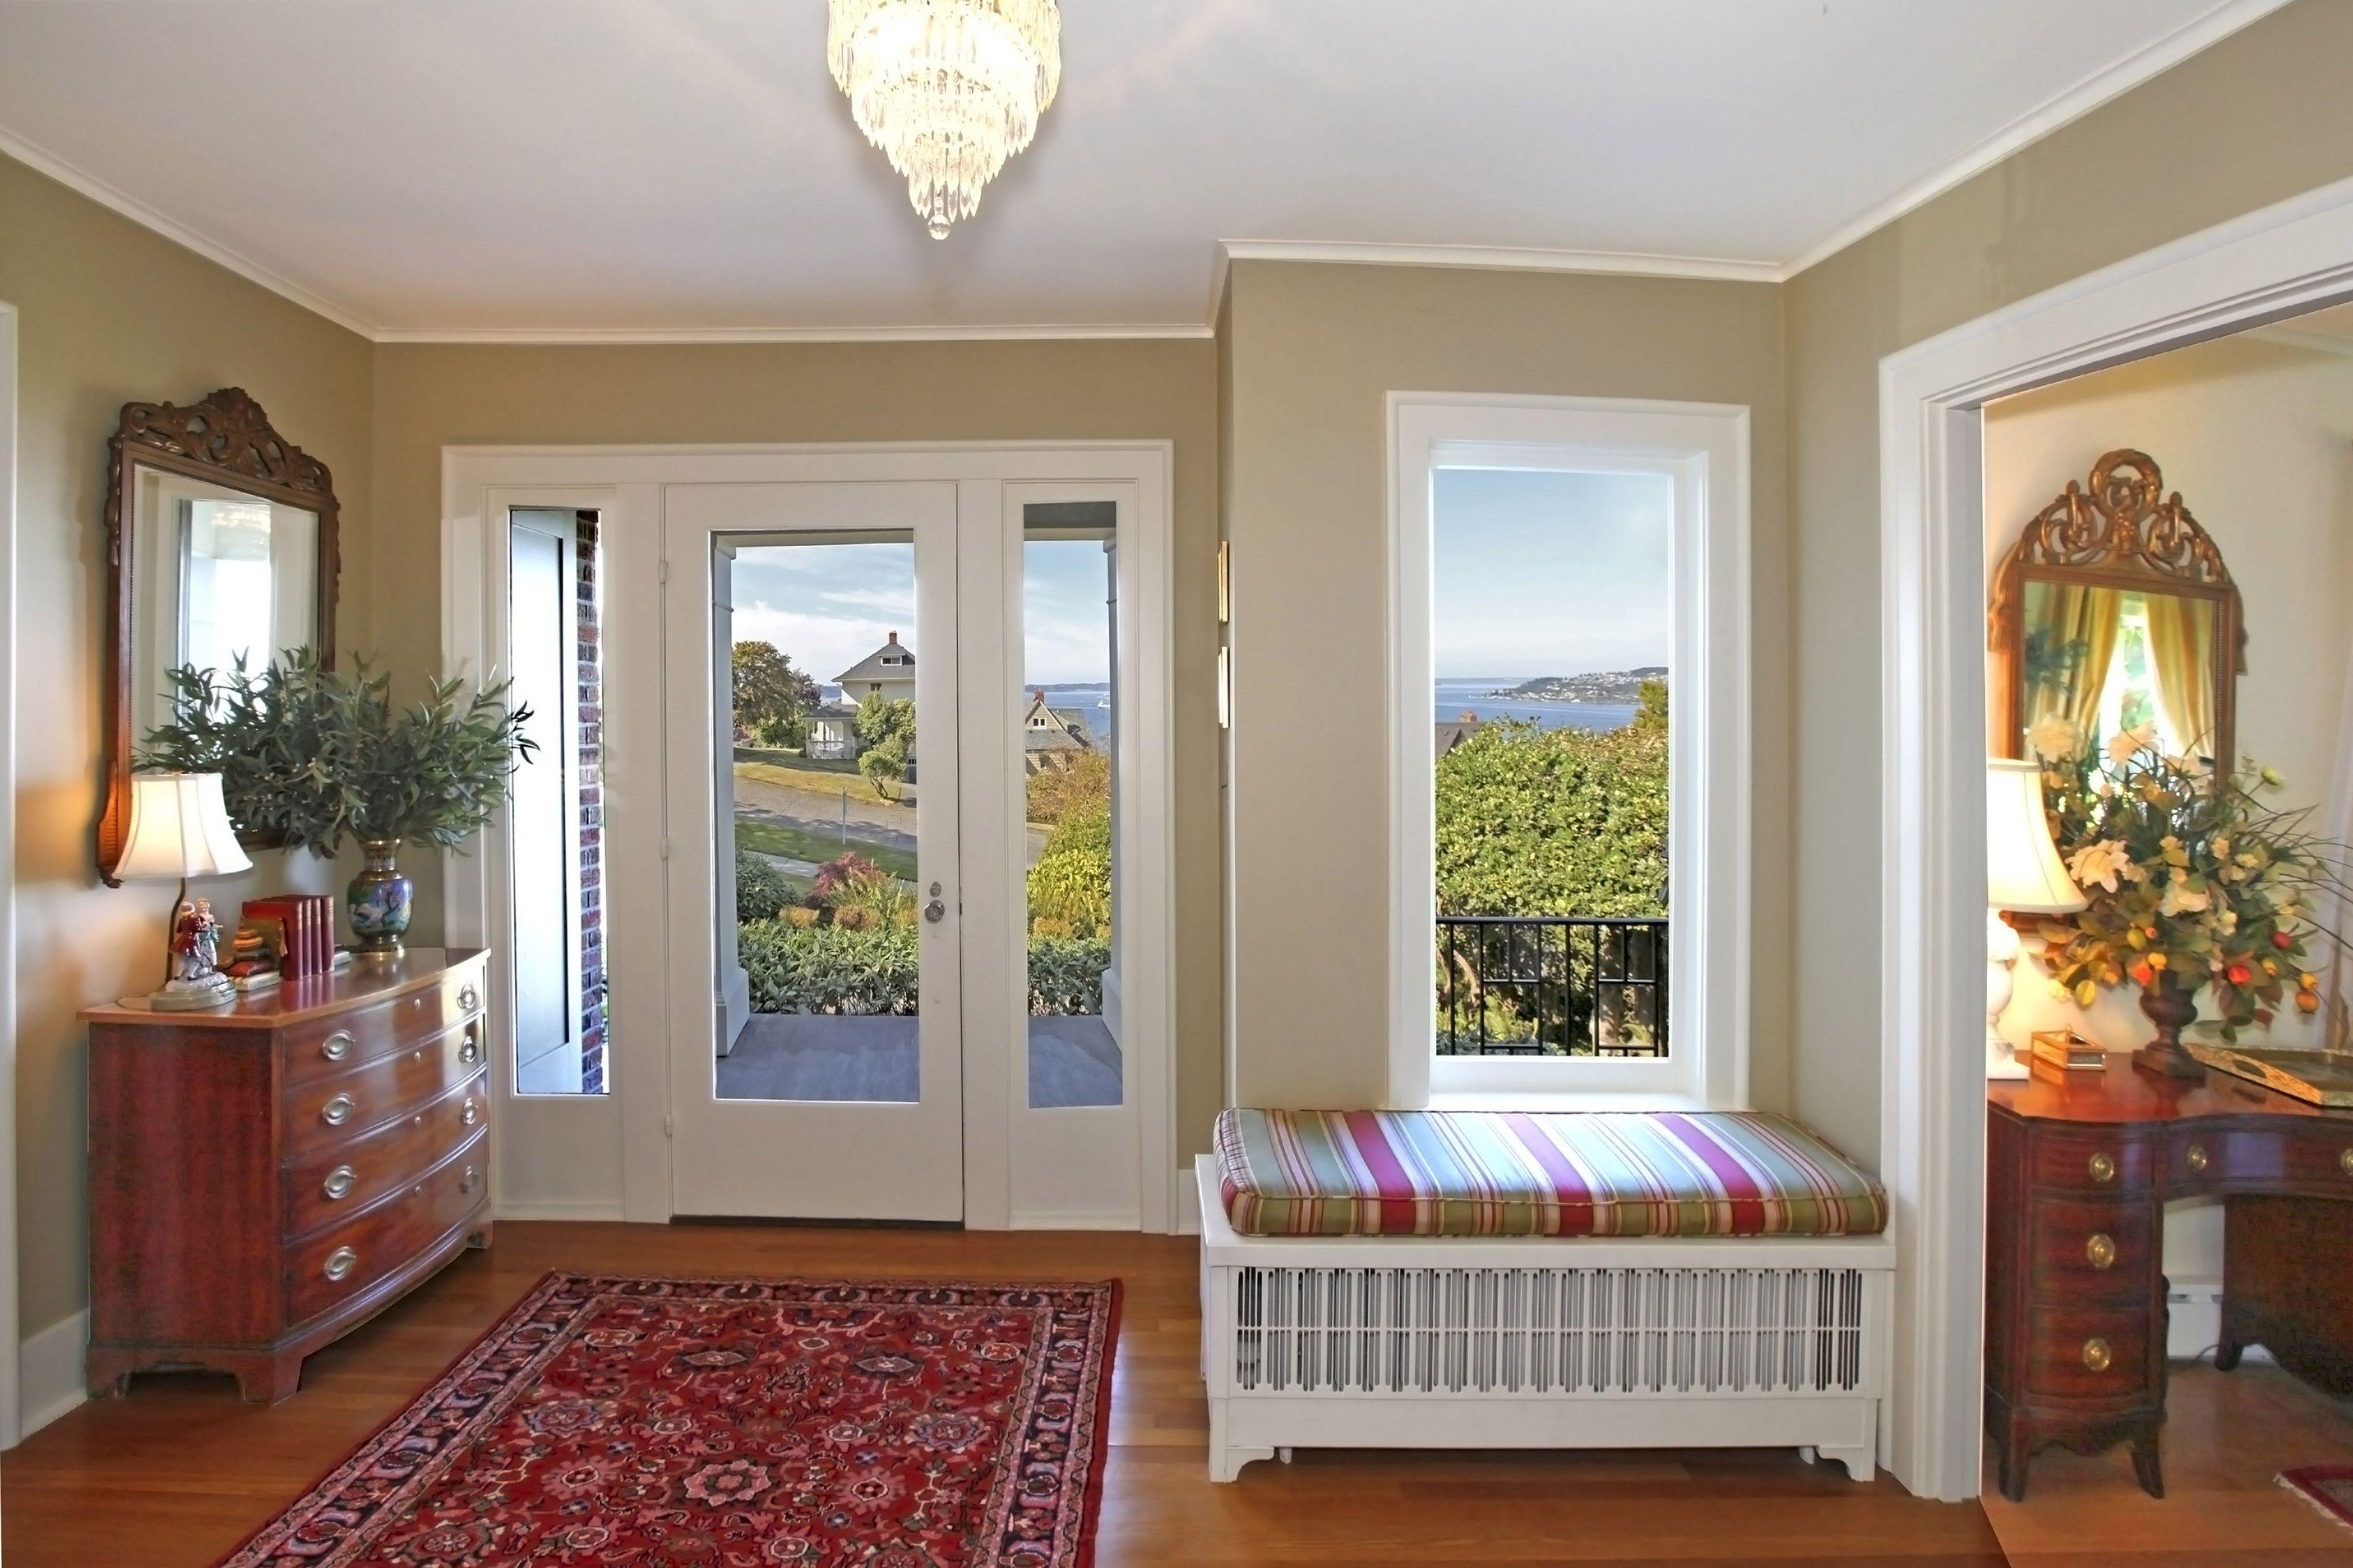 Best esempio di ingresso arredato in stile classico with for Case arredate classiche foto